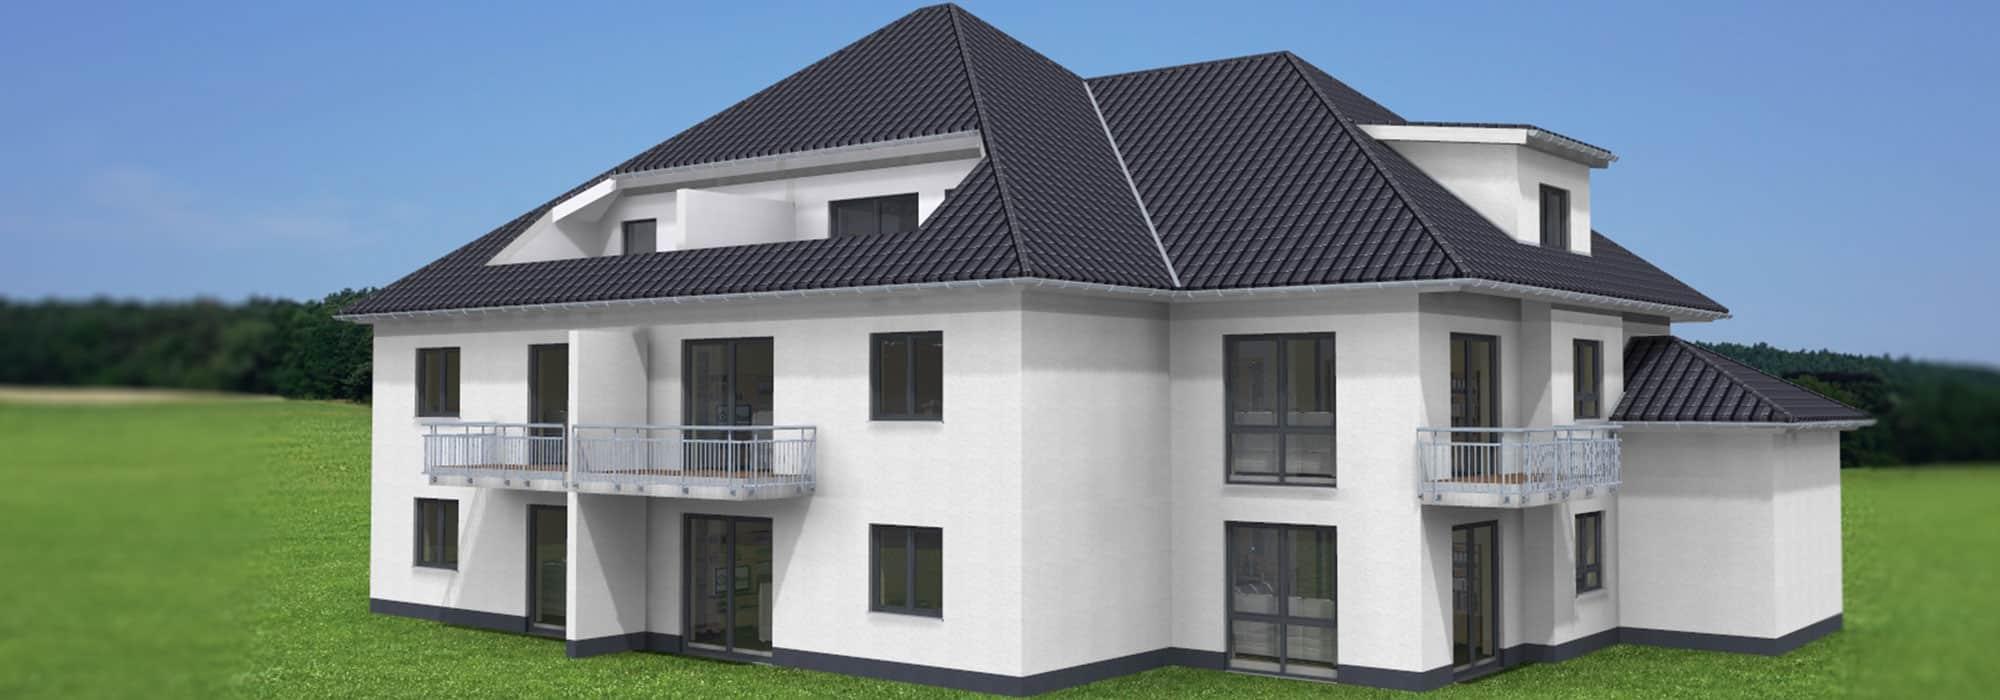 10 freundliche Eigentumswohnungen im Herzen von Petersberg